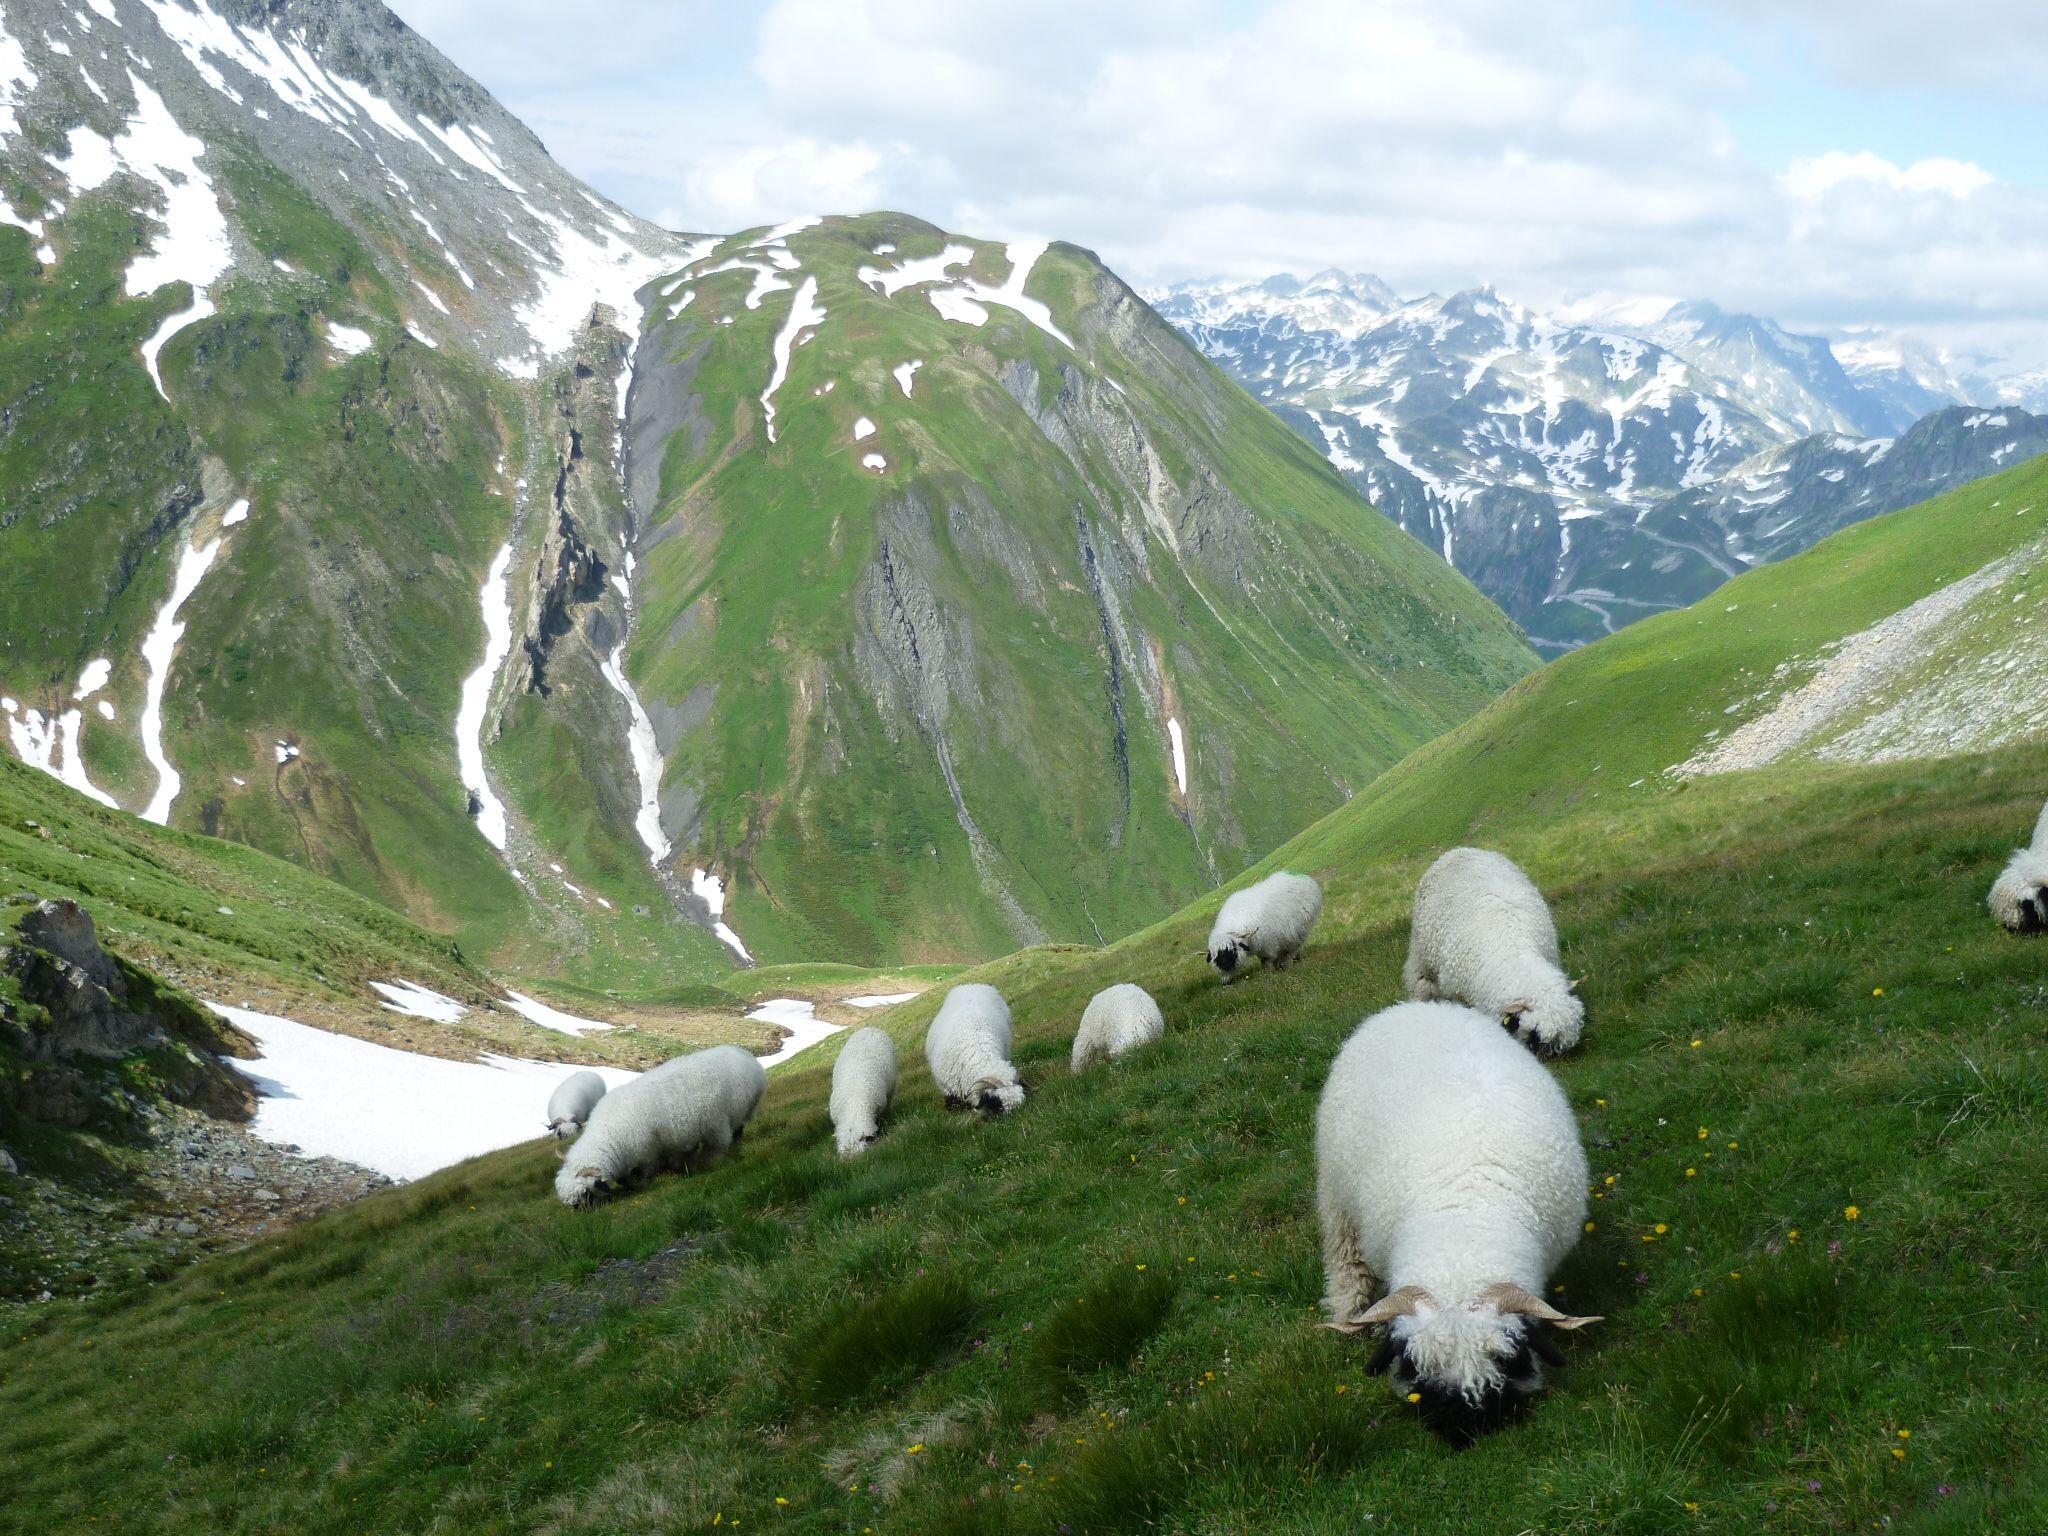 Картинки альпийских гор с животными